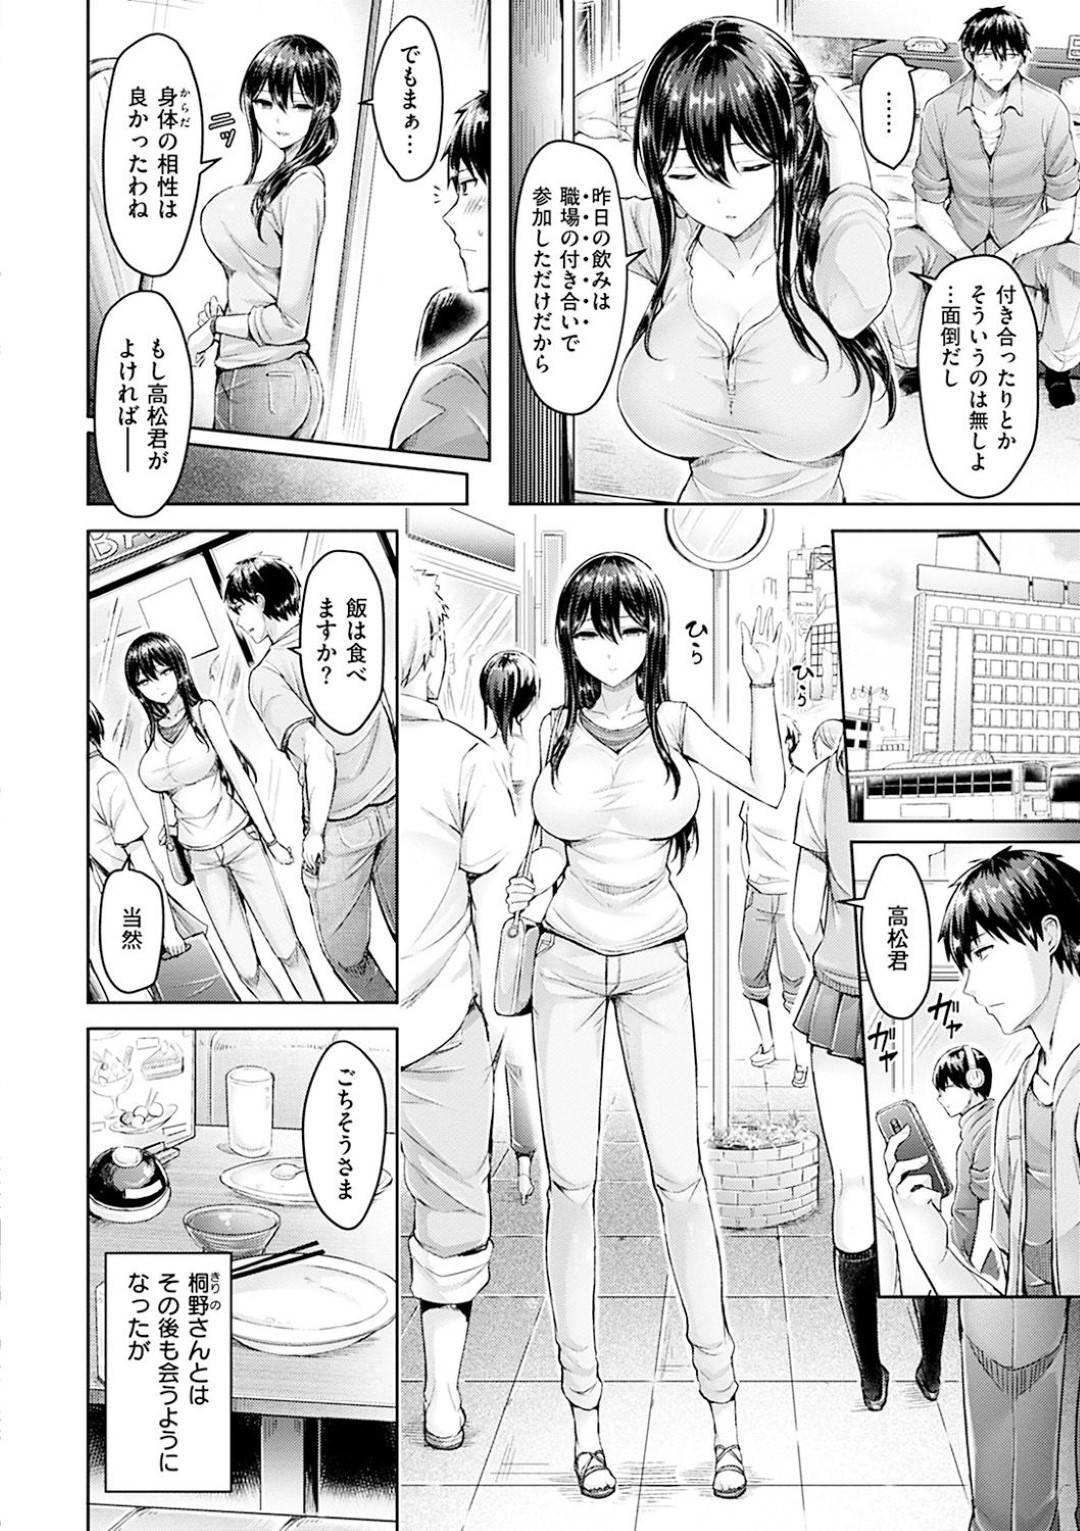 【エロ漫画】合コンに参加しつつずっとメニューを見ている巨乳クール系美女…そのままラブホへ行きセフレの関係になる2人!彼が他の女性といるところを目撃してしまい嫉妬でいつもより積極的なセックス!【オクモト悠太】